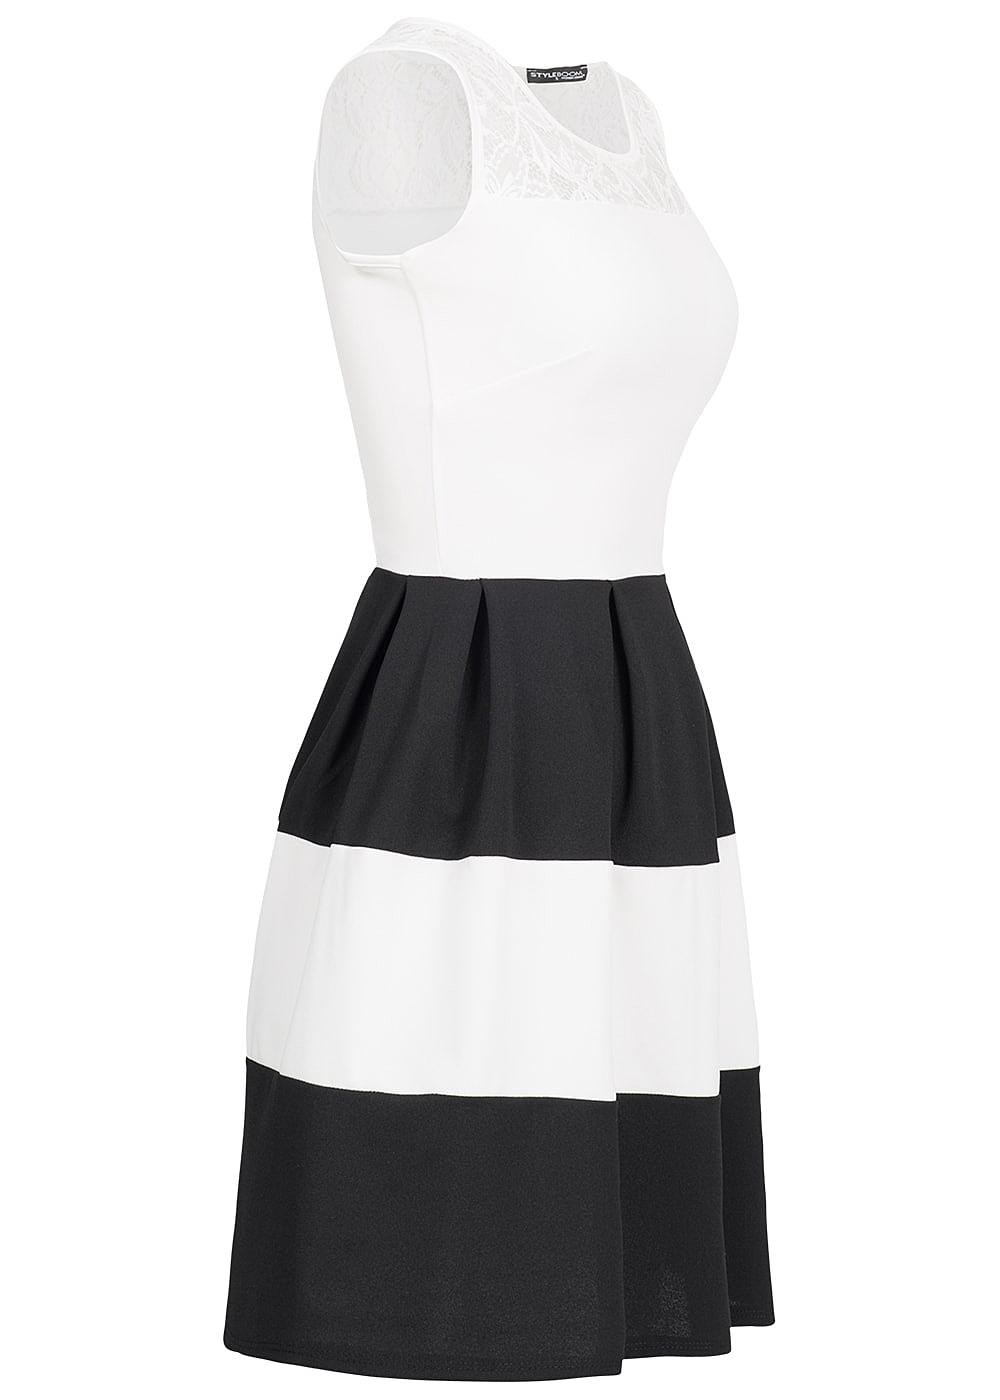 styleboom fashion damen kleid spitze gestreift weiss schwarz 77onlineshop. Black Bedroom Furniture Sets. Home Design Ideas